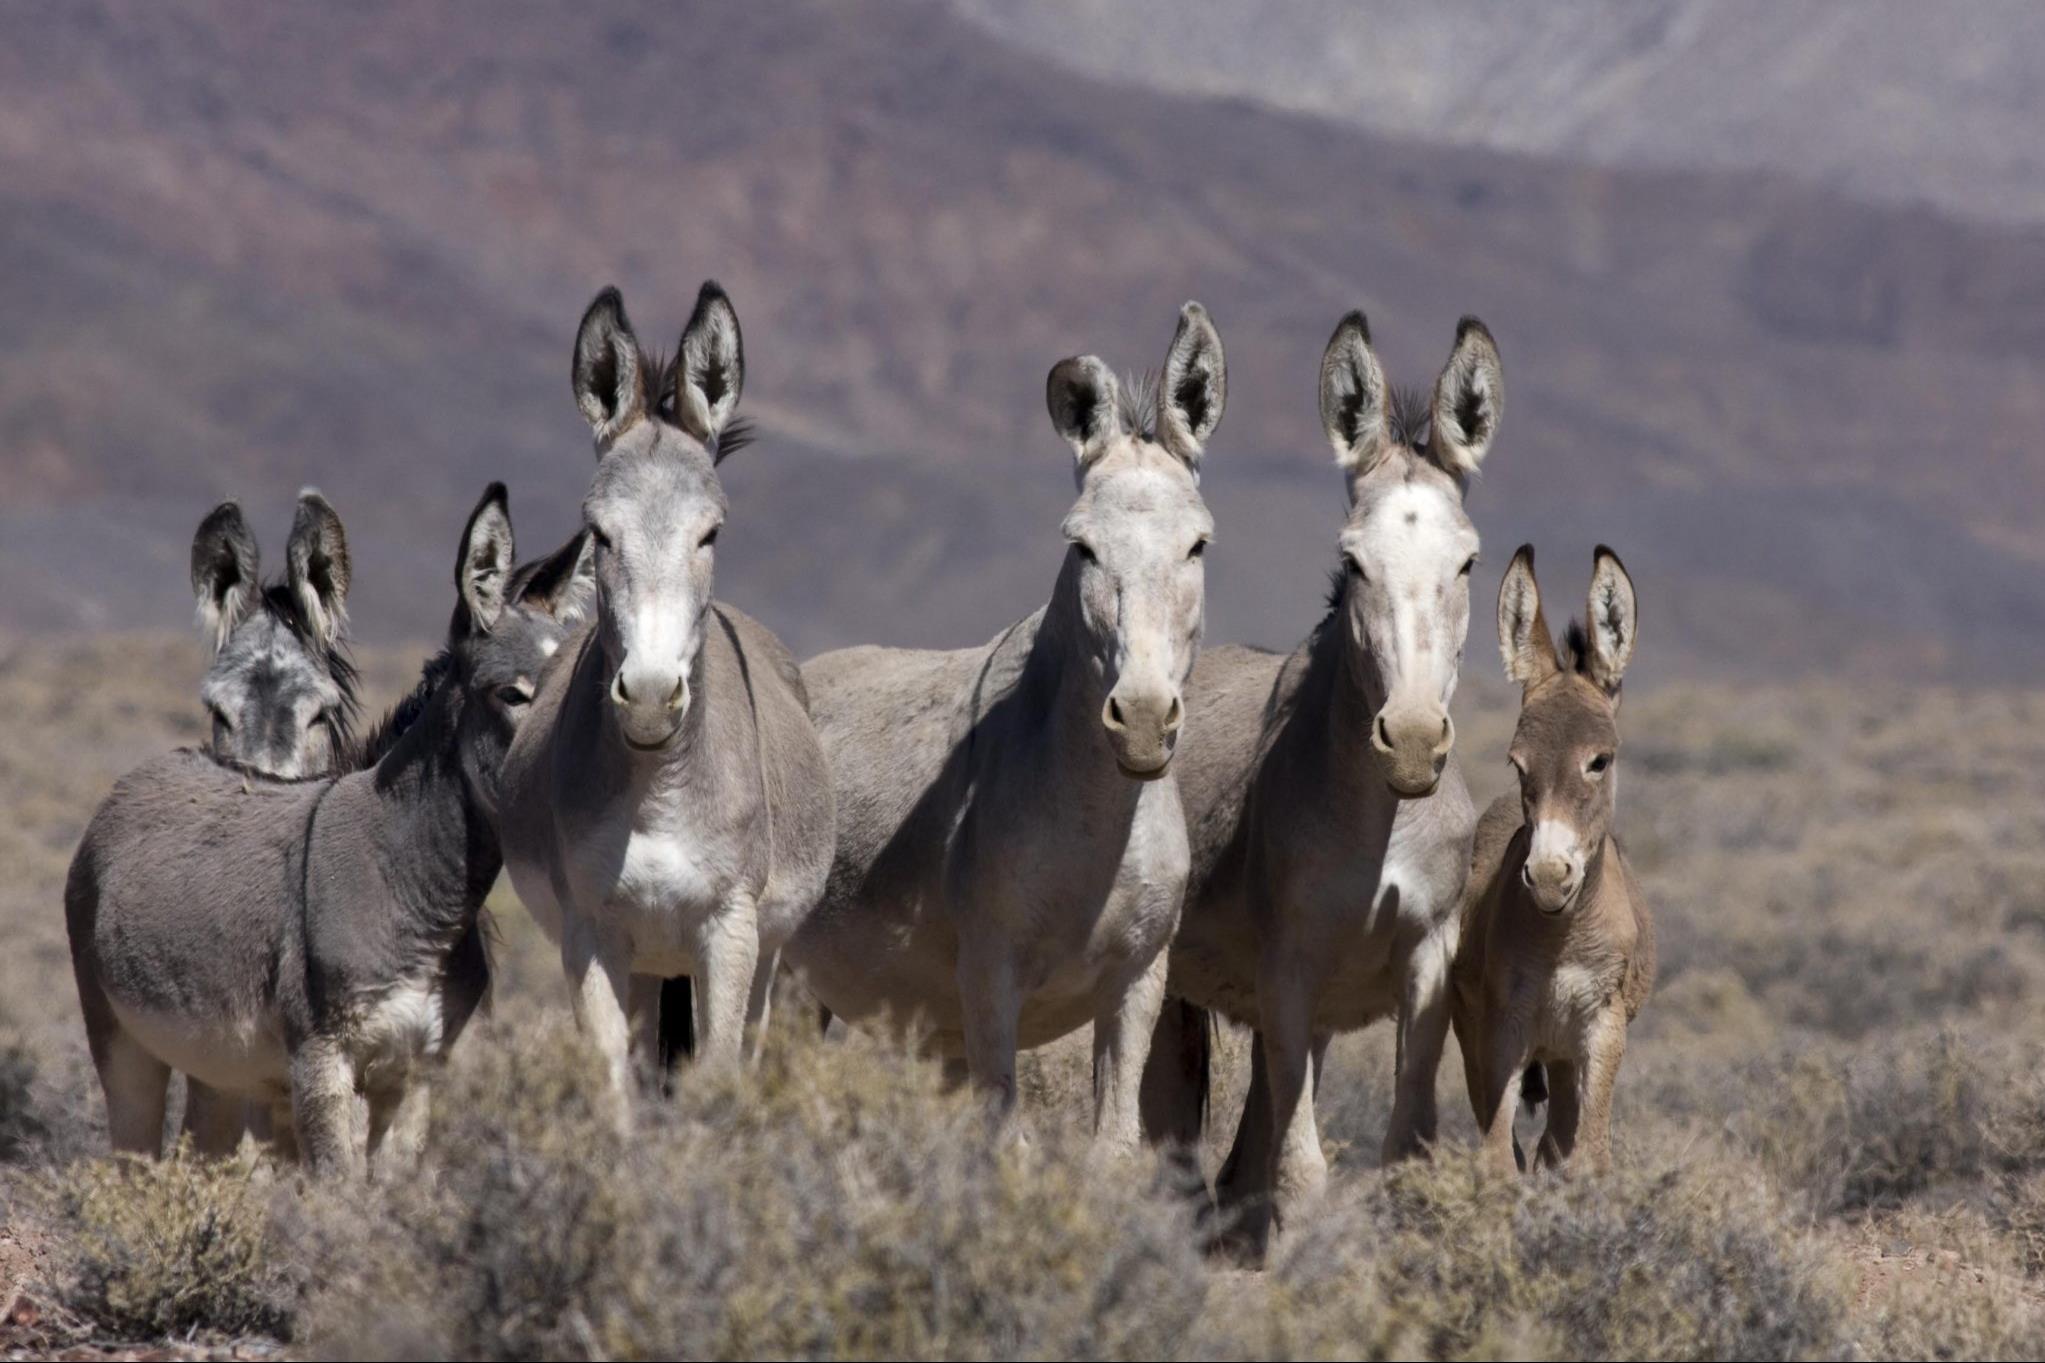 Így biztosítanak vizet a sivatag állatainak a vadszamarak